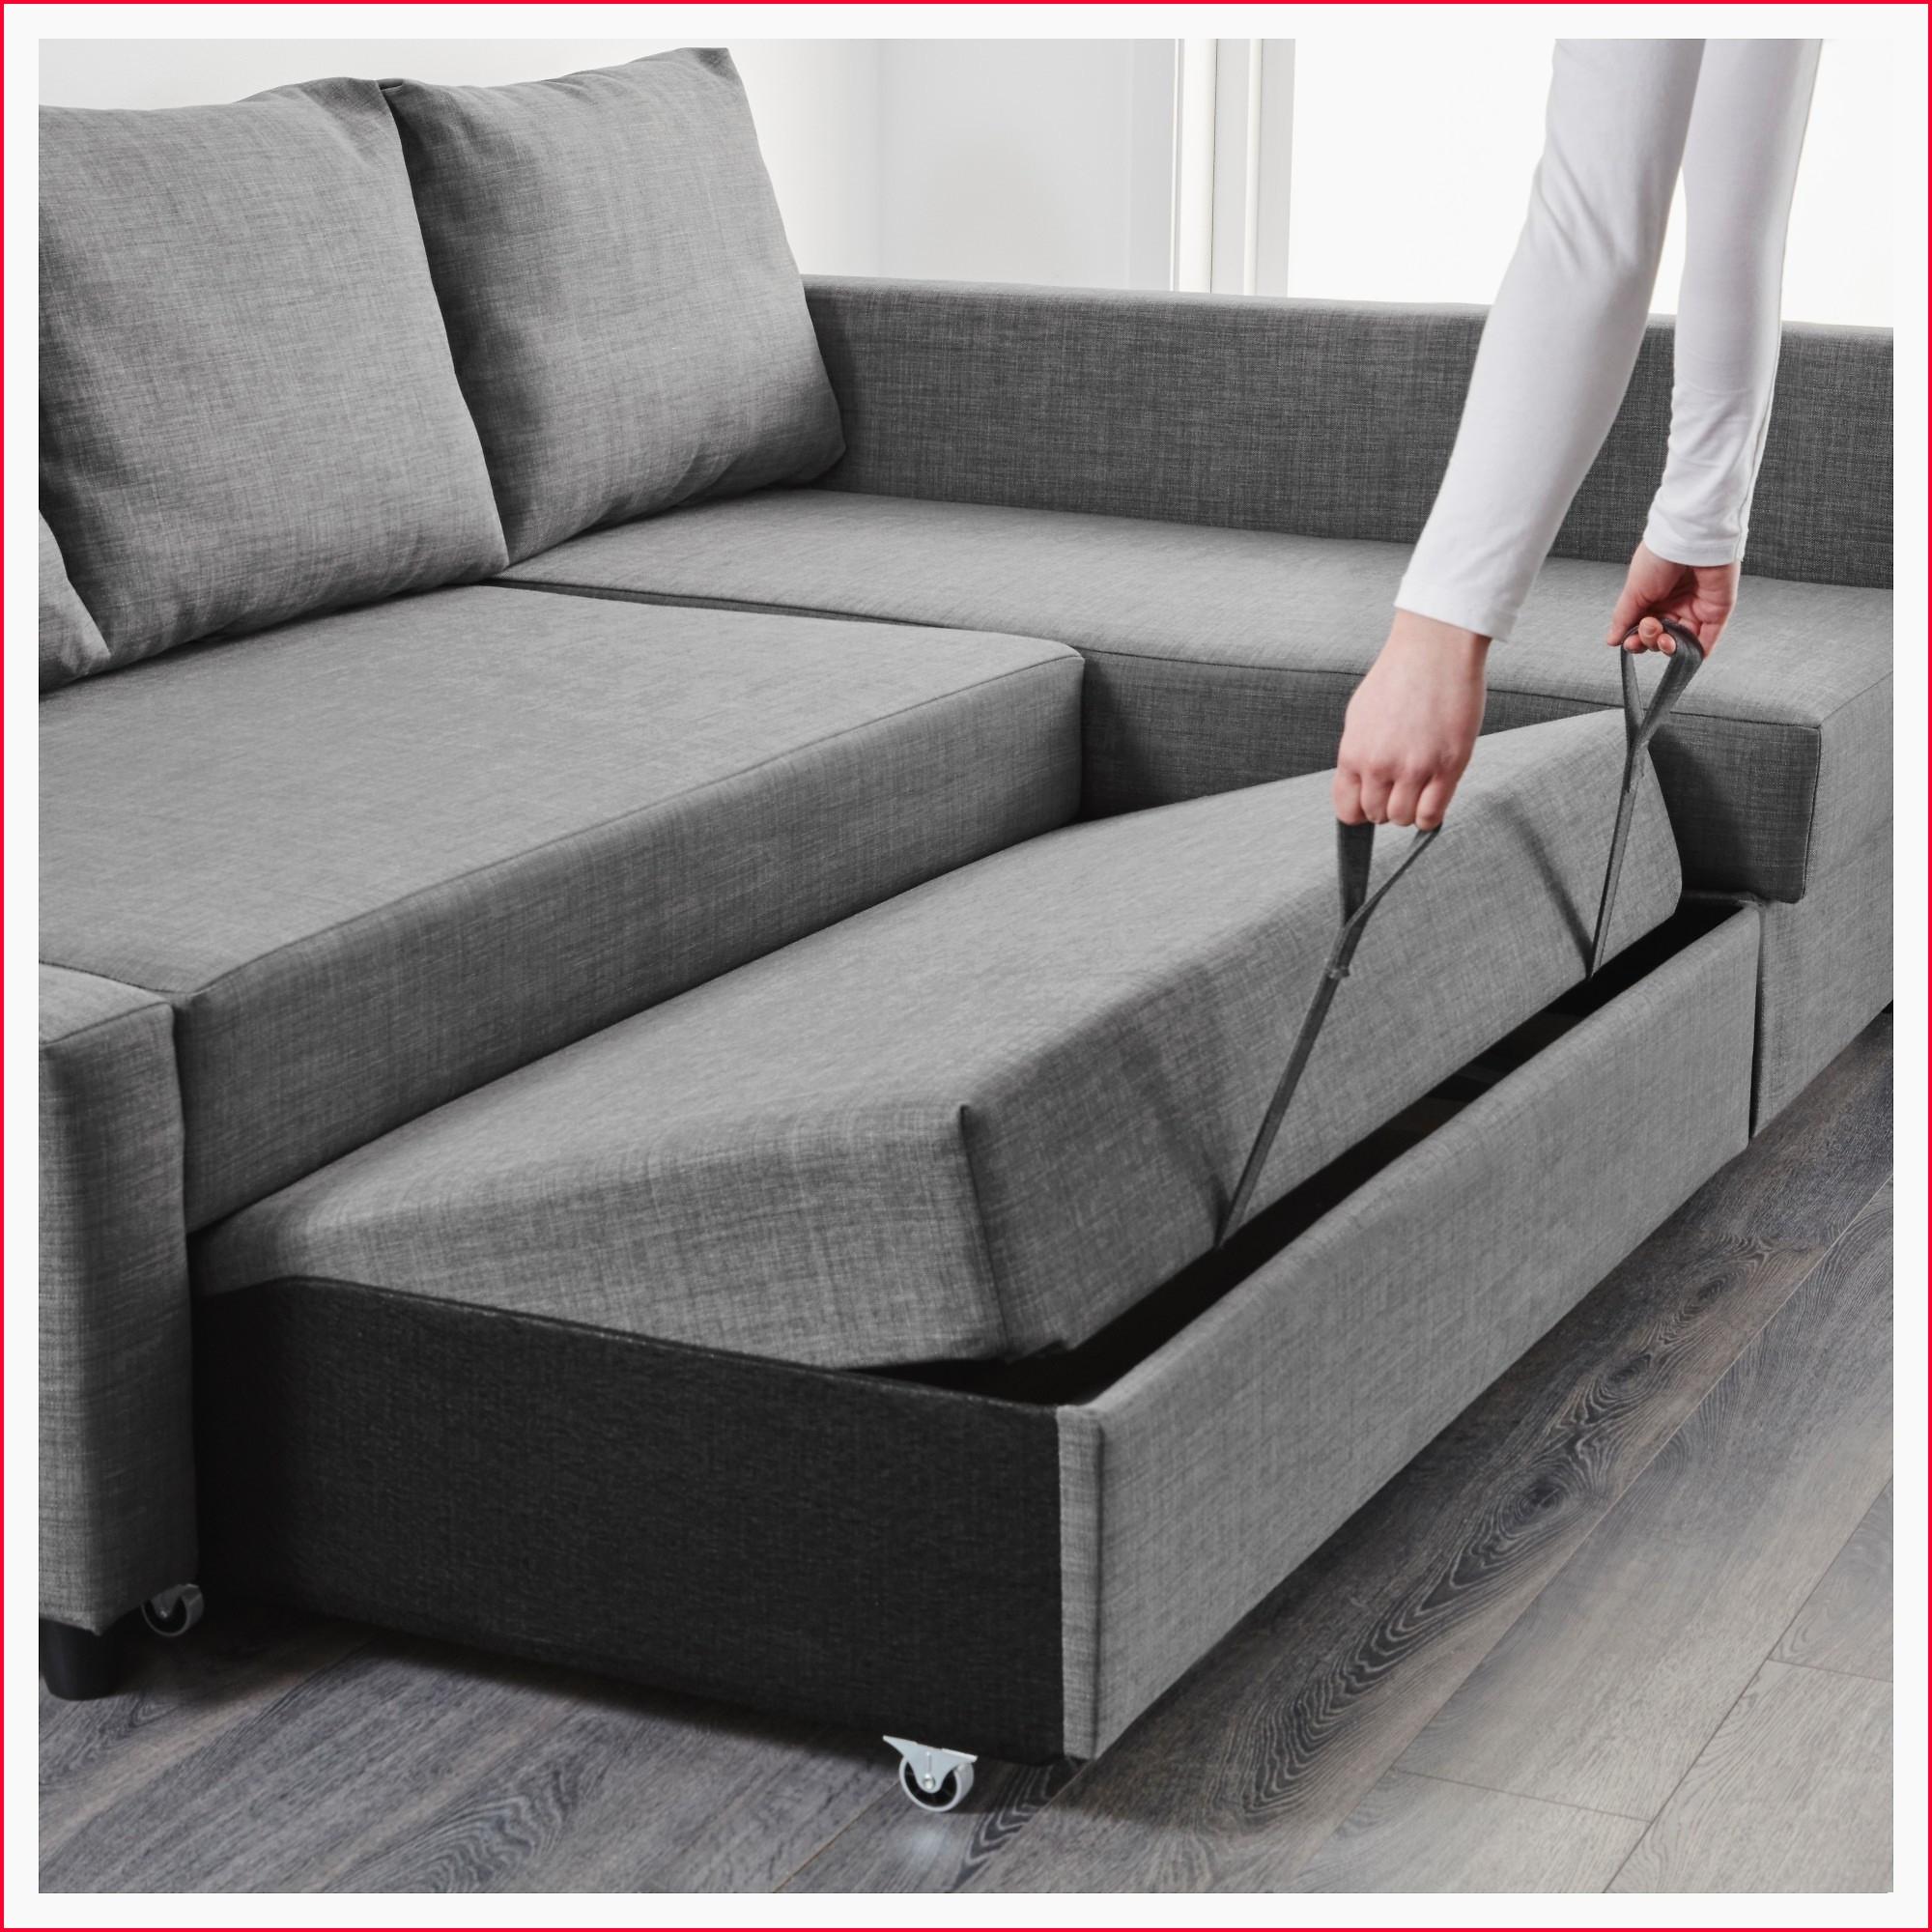 Ikea sofas Cama Q0d4 Reciente sofà S Cama Ikea Fotos De Cama Diseà O Cama Ideas